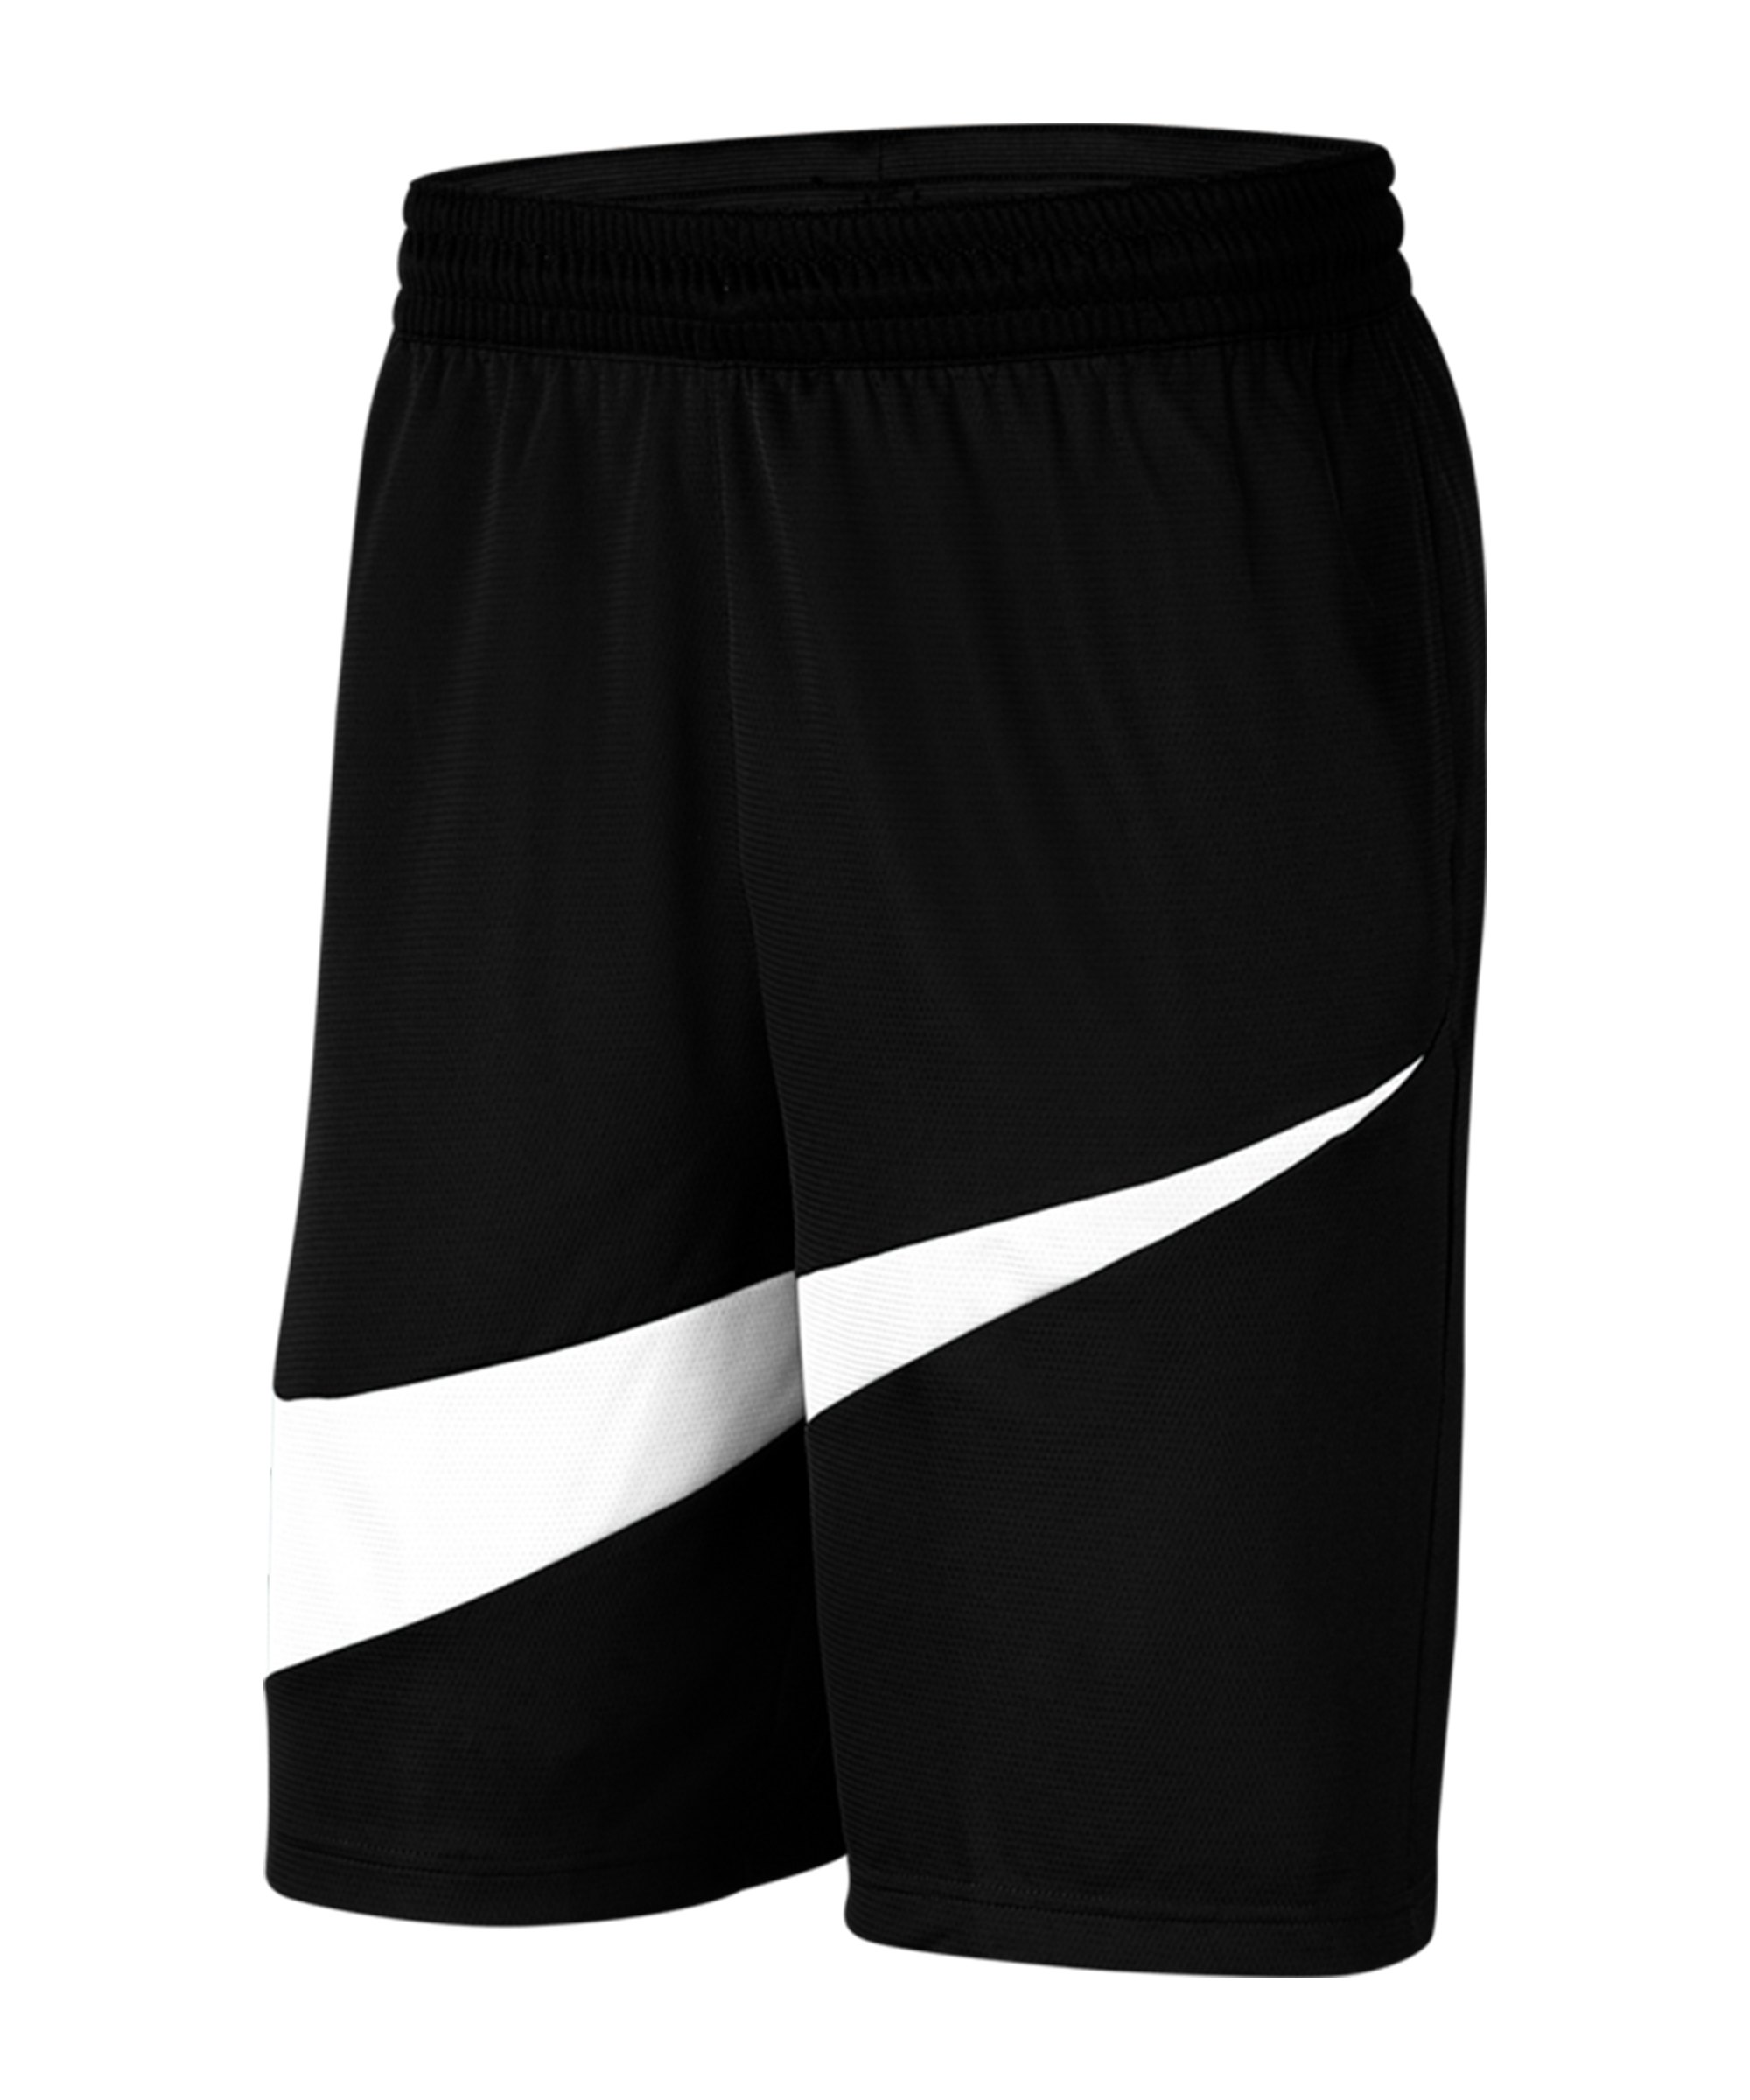 Nike HBR 2.0 Short Schwarz Weiss F011 - schwarz